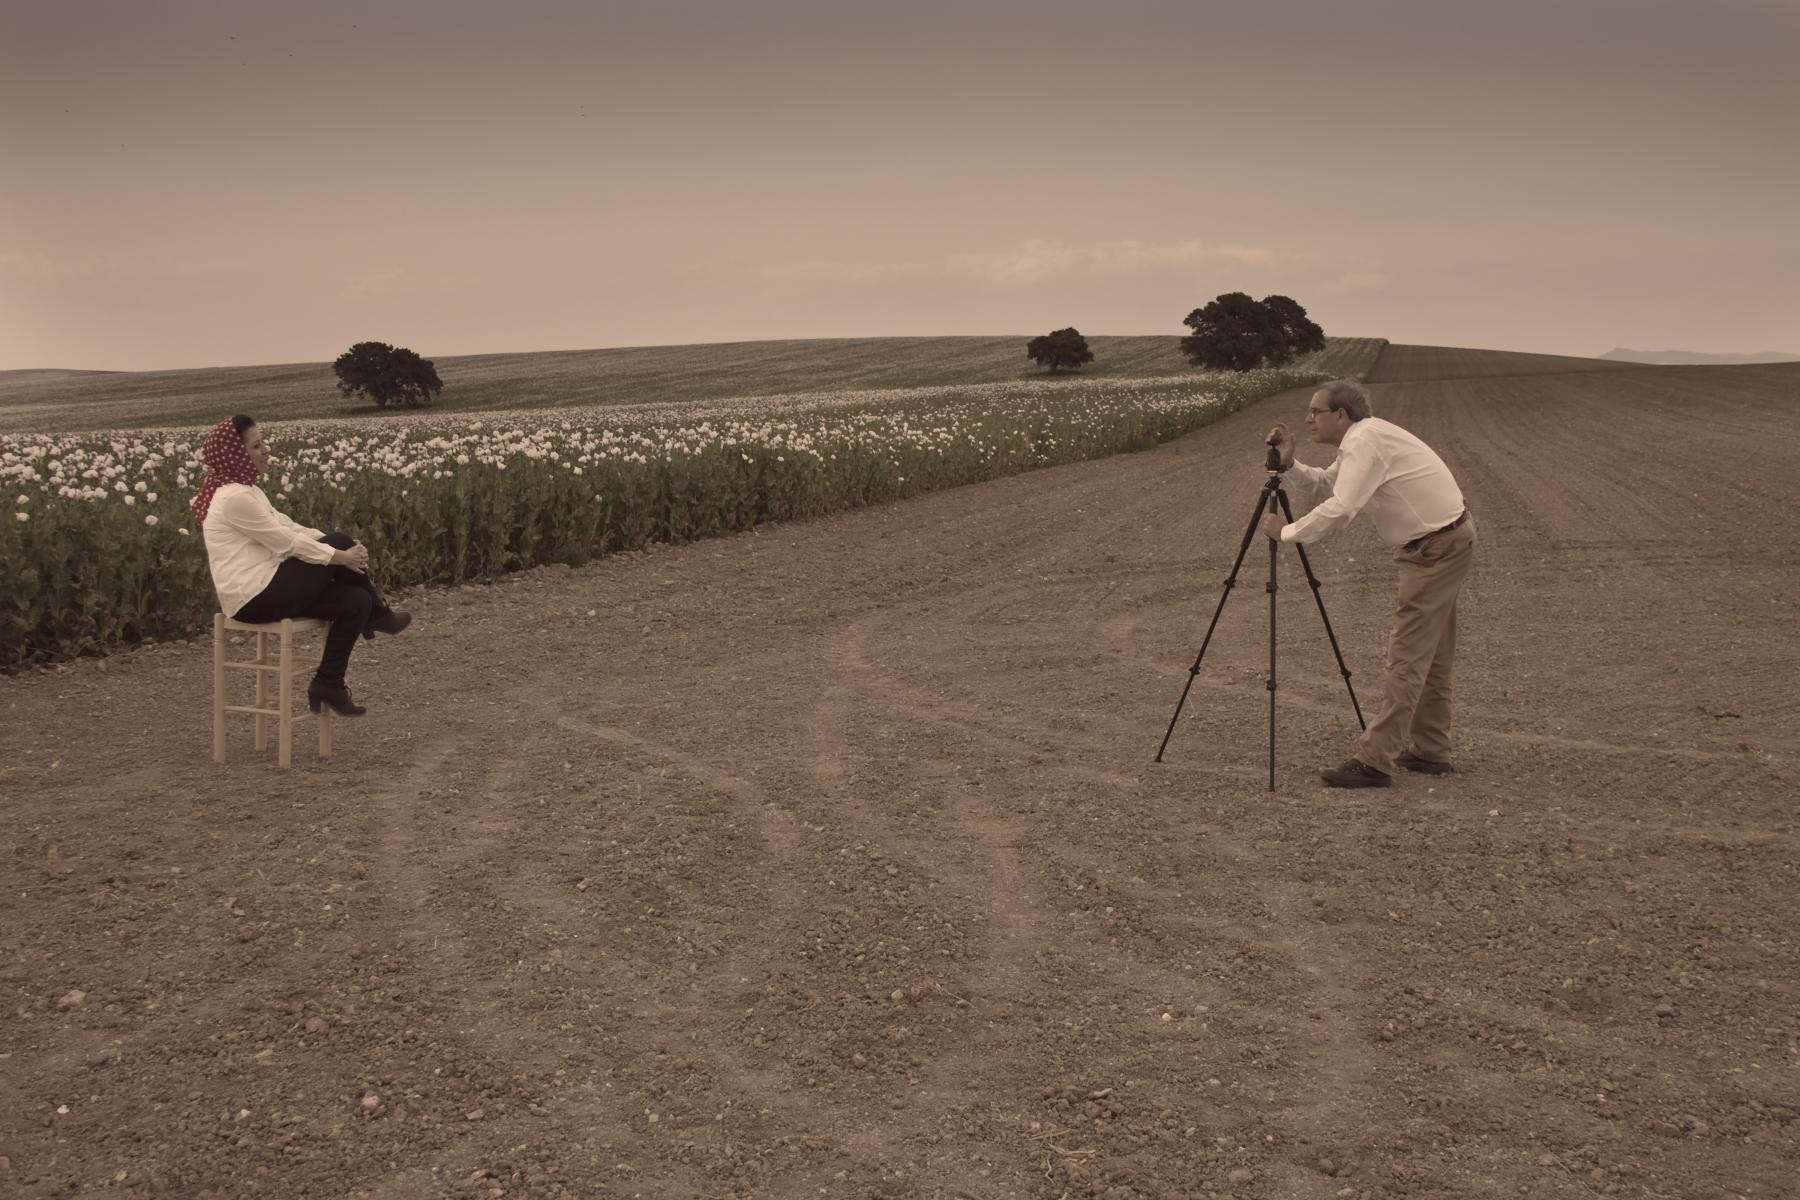 Flaco de memoria (2014) - Adolfo de los Santos - diko_vobis